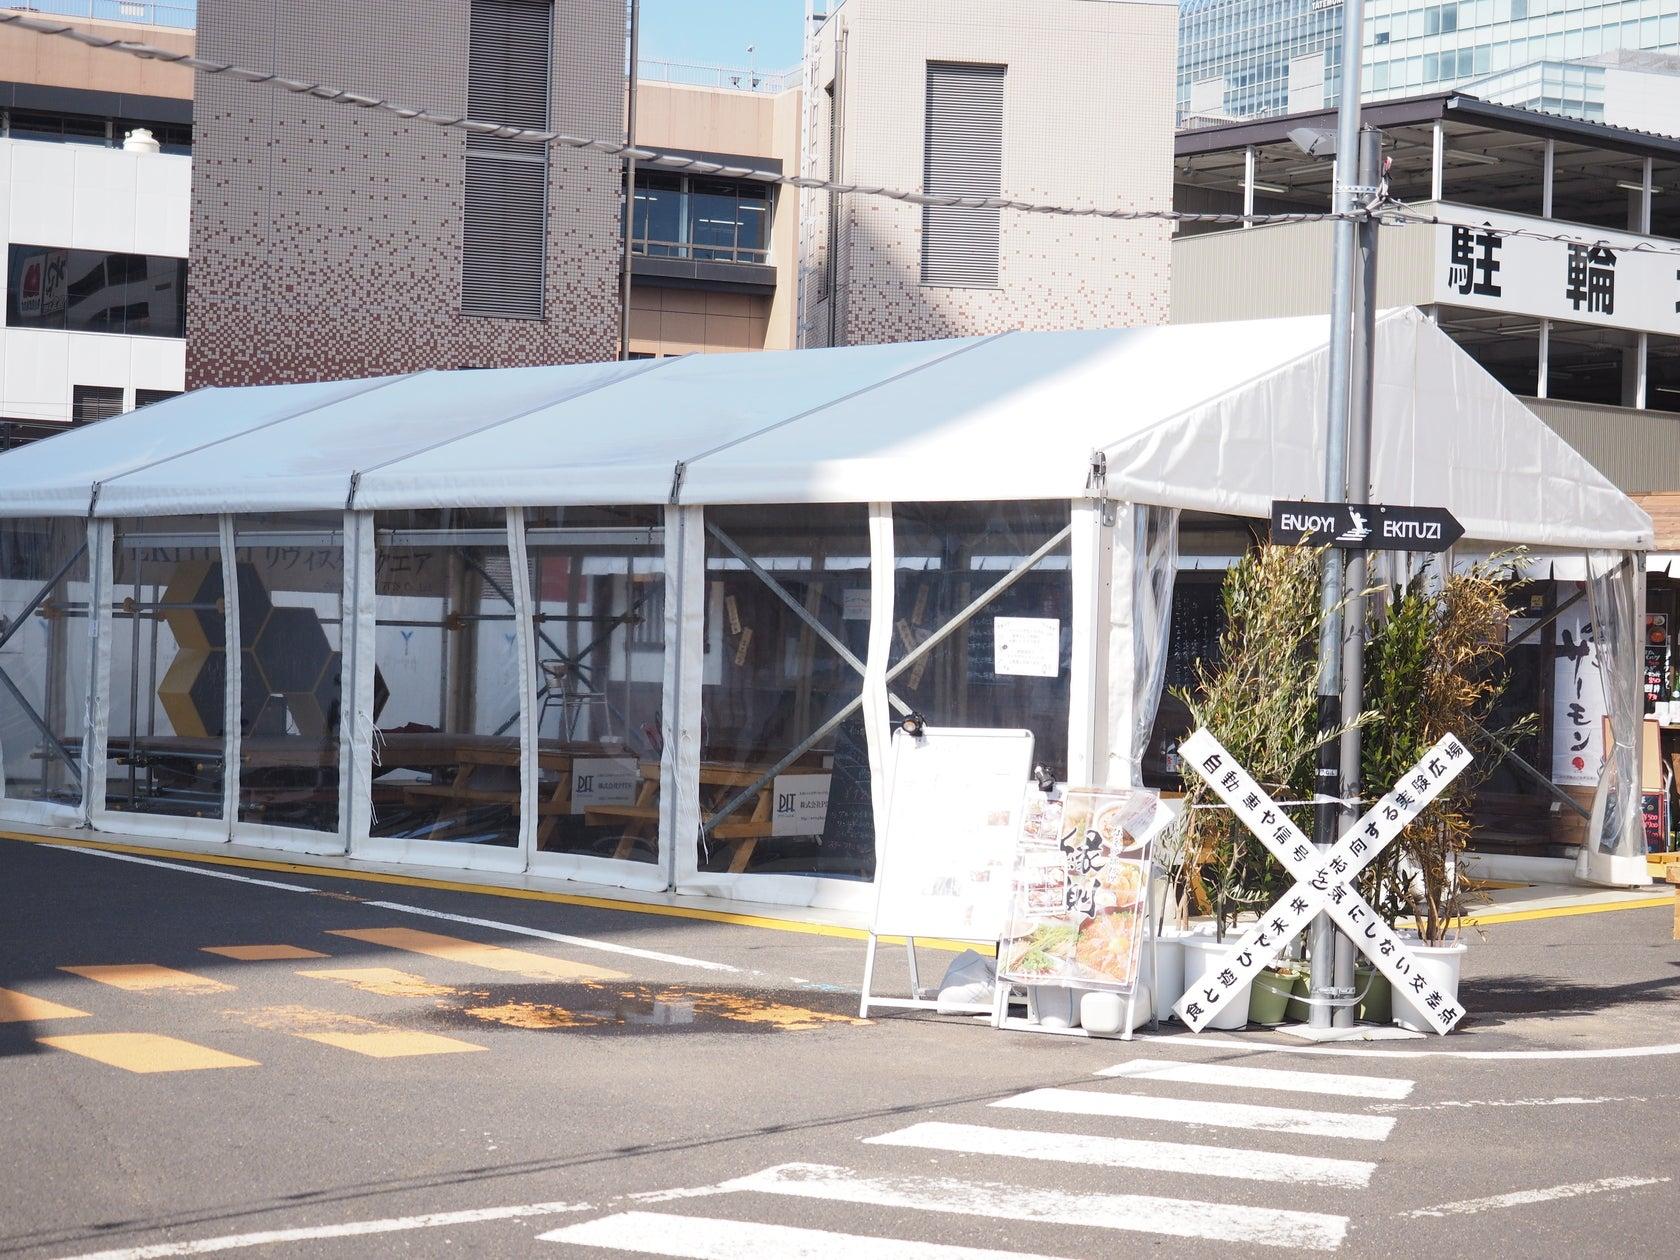 【2018秋~3月末】【EKITUZI】仙台駅徒歩0分 ステージ/電源つき 屋根付き屋外イベントスペース のサムネイル